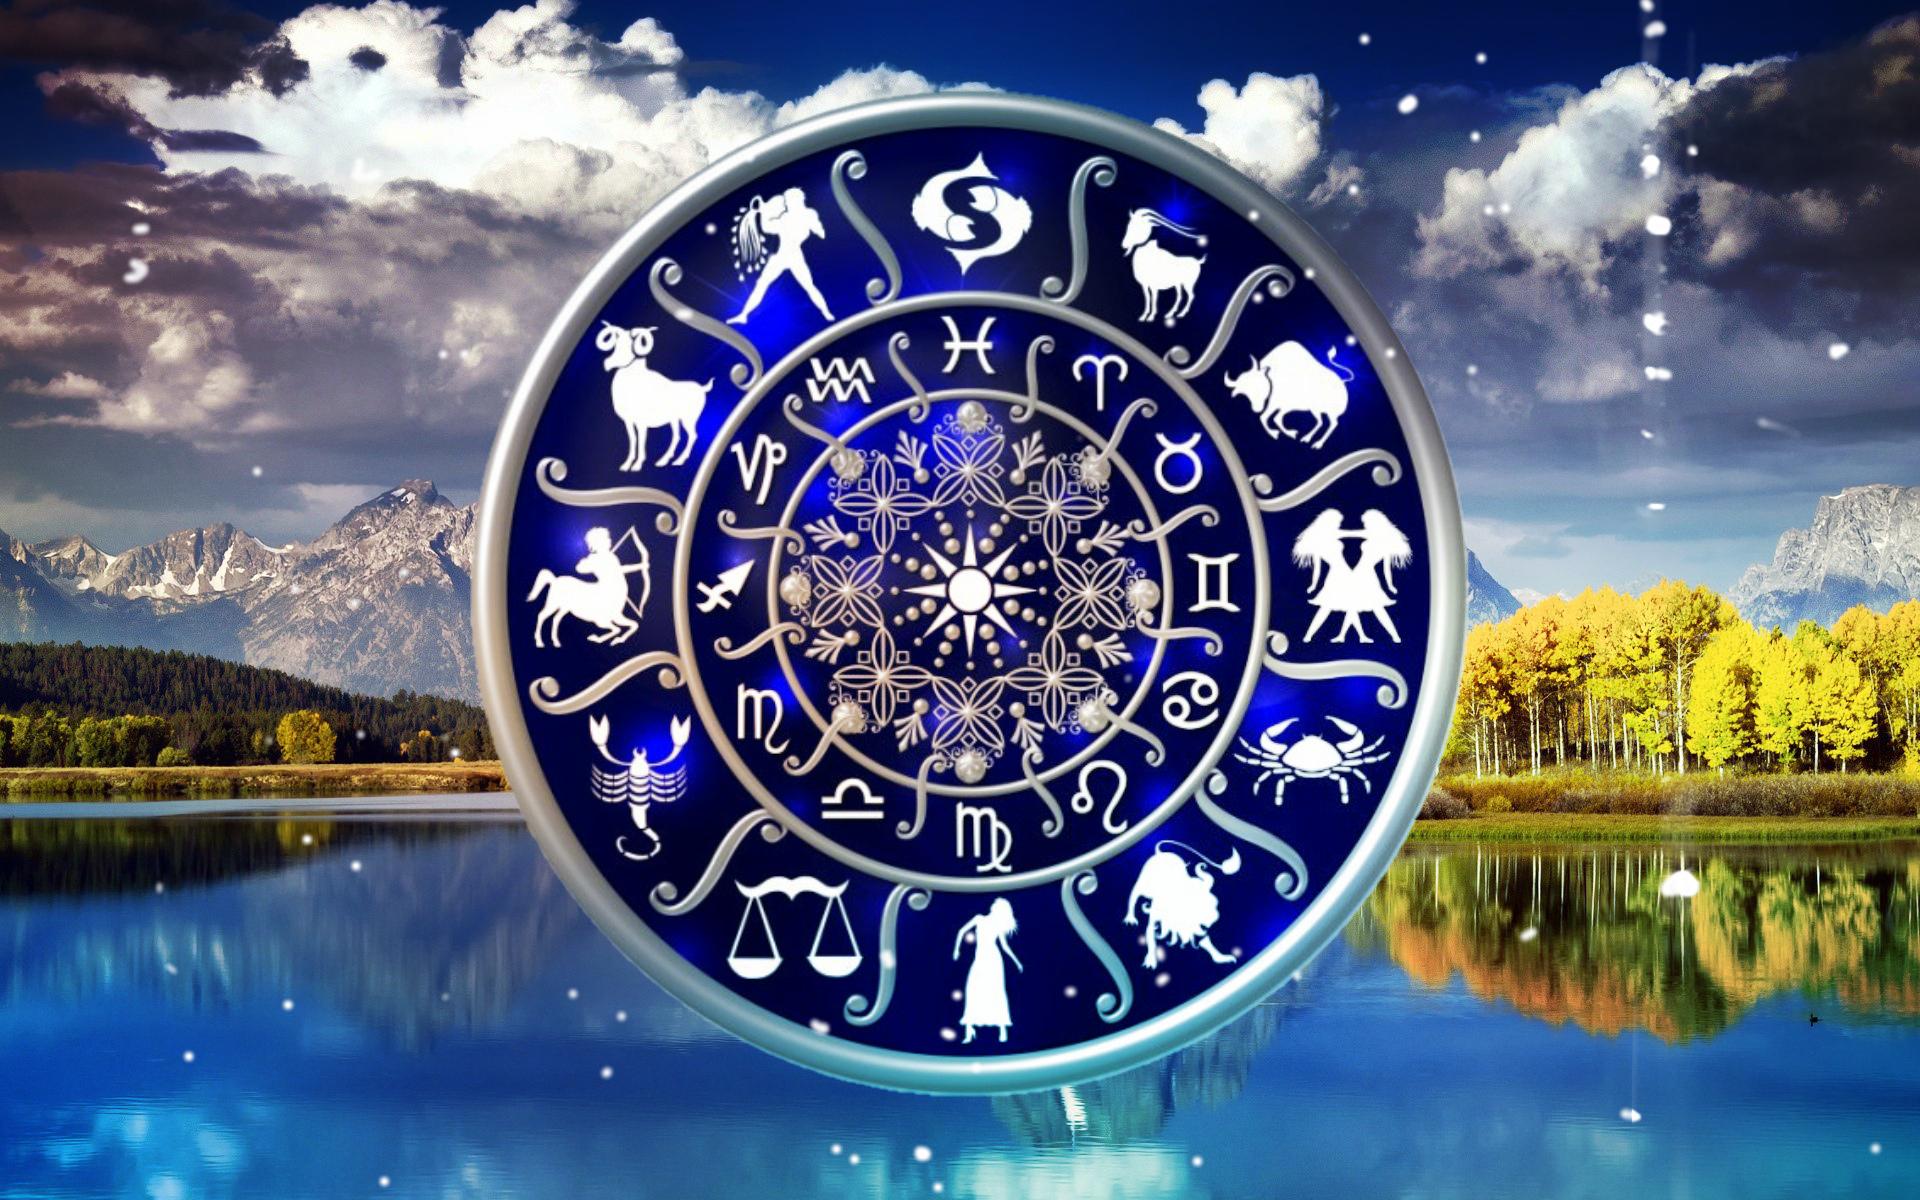 Гороскопы по знакам  зодиака для мужчин и женщин — онлайн и бесплатно